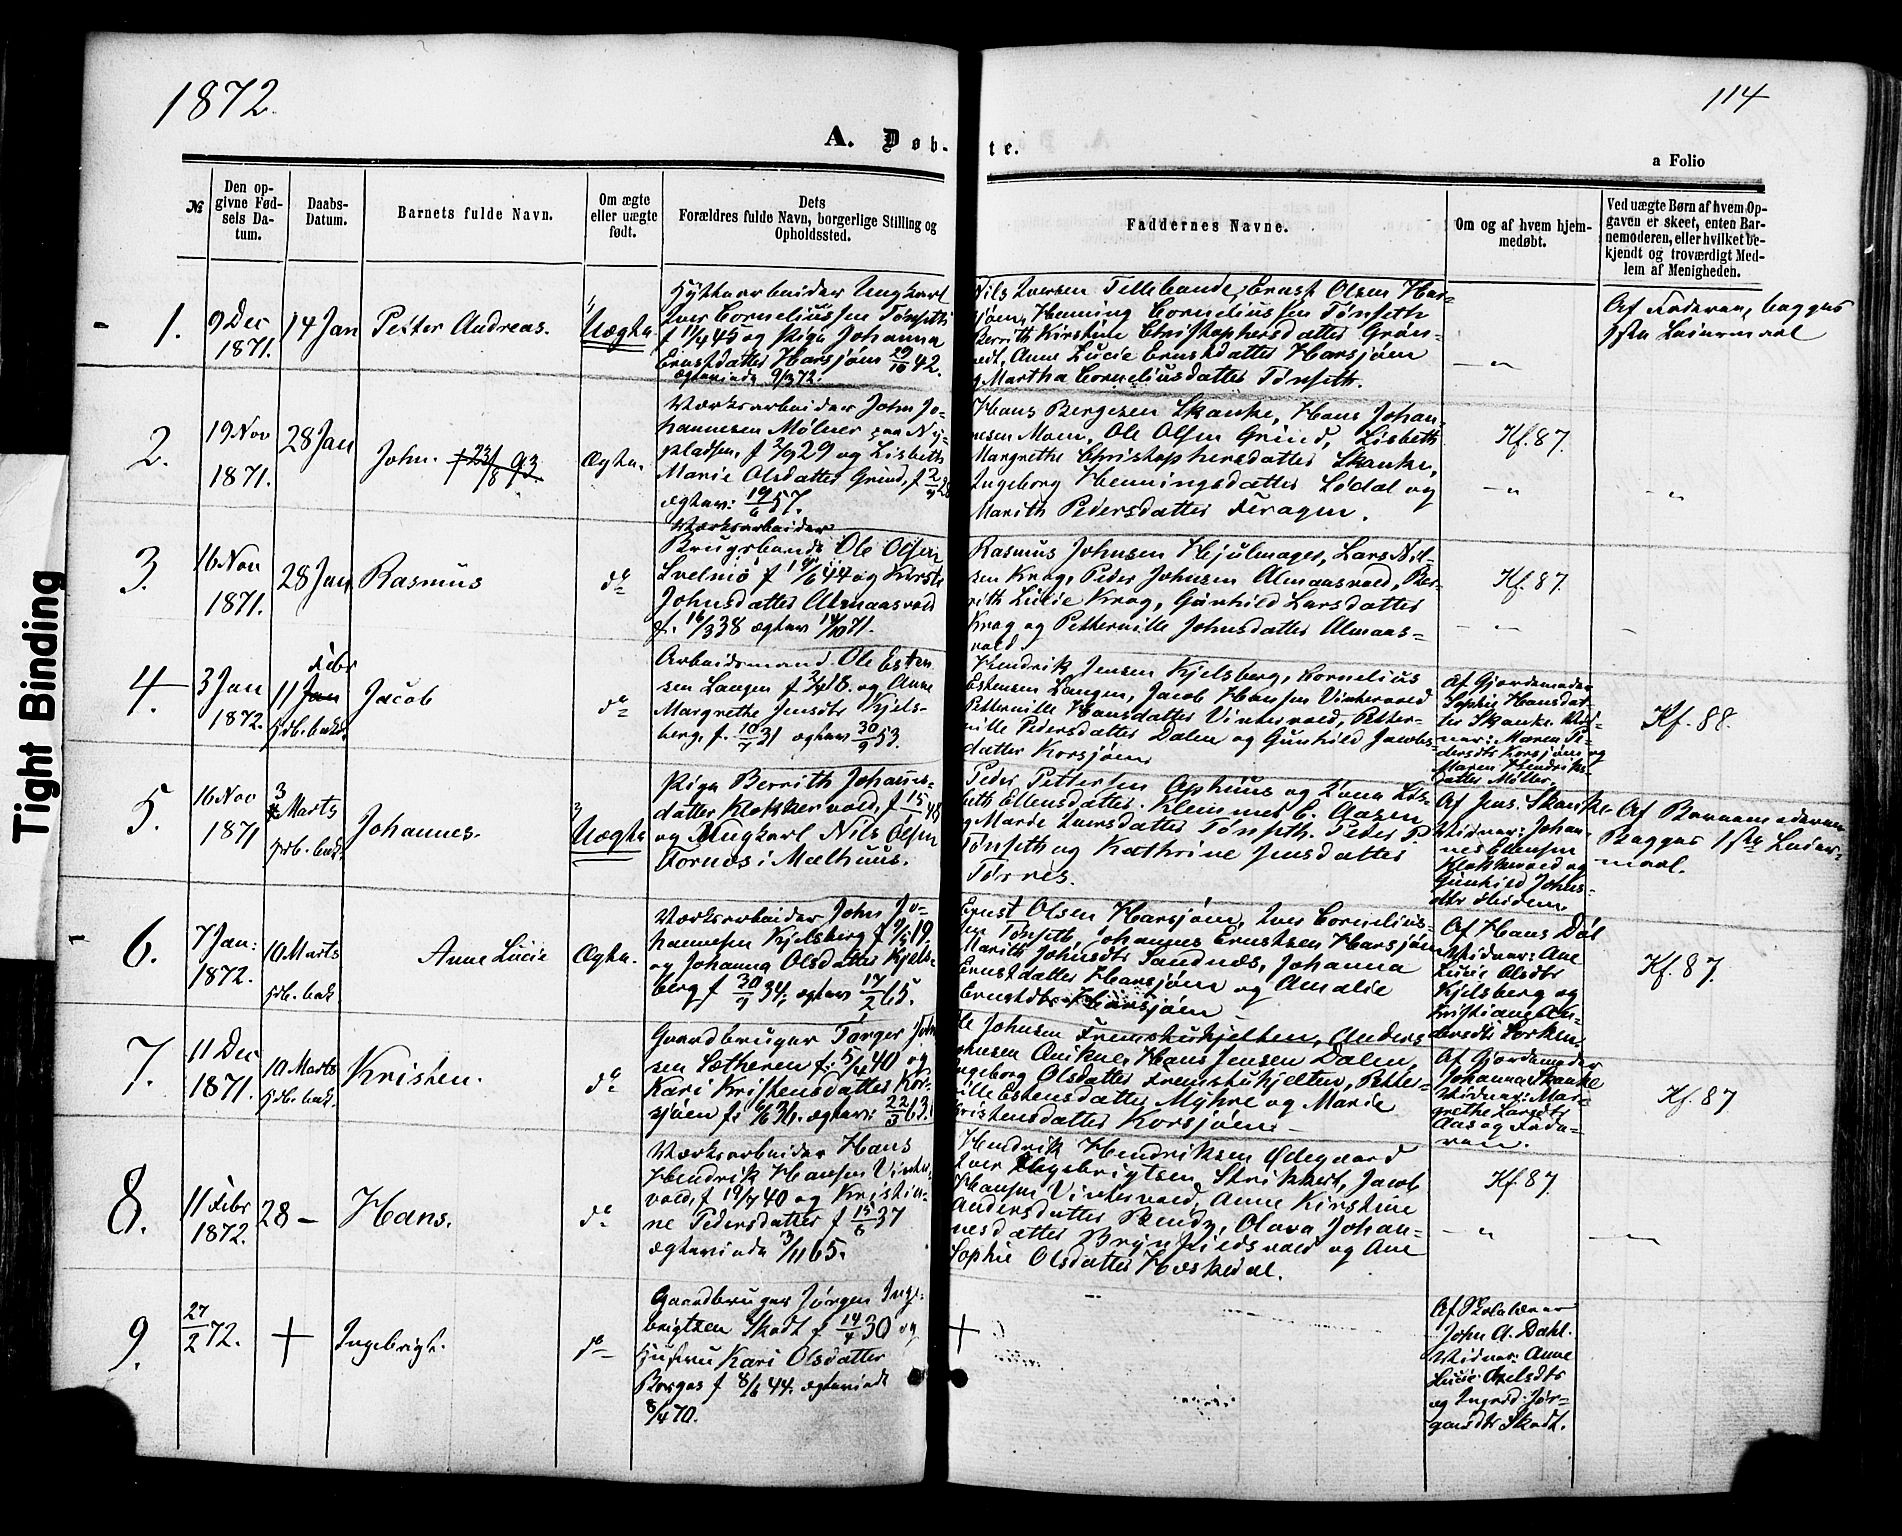 SAT, Ministerialprotokoller, klokkerbøker og fødselsregistre - Sør-Trøndelag, 681/L0932: Ministerialbok nr. 681A10, 1860-1878, s. 114